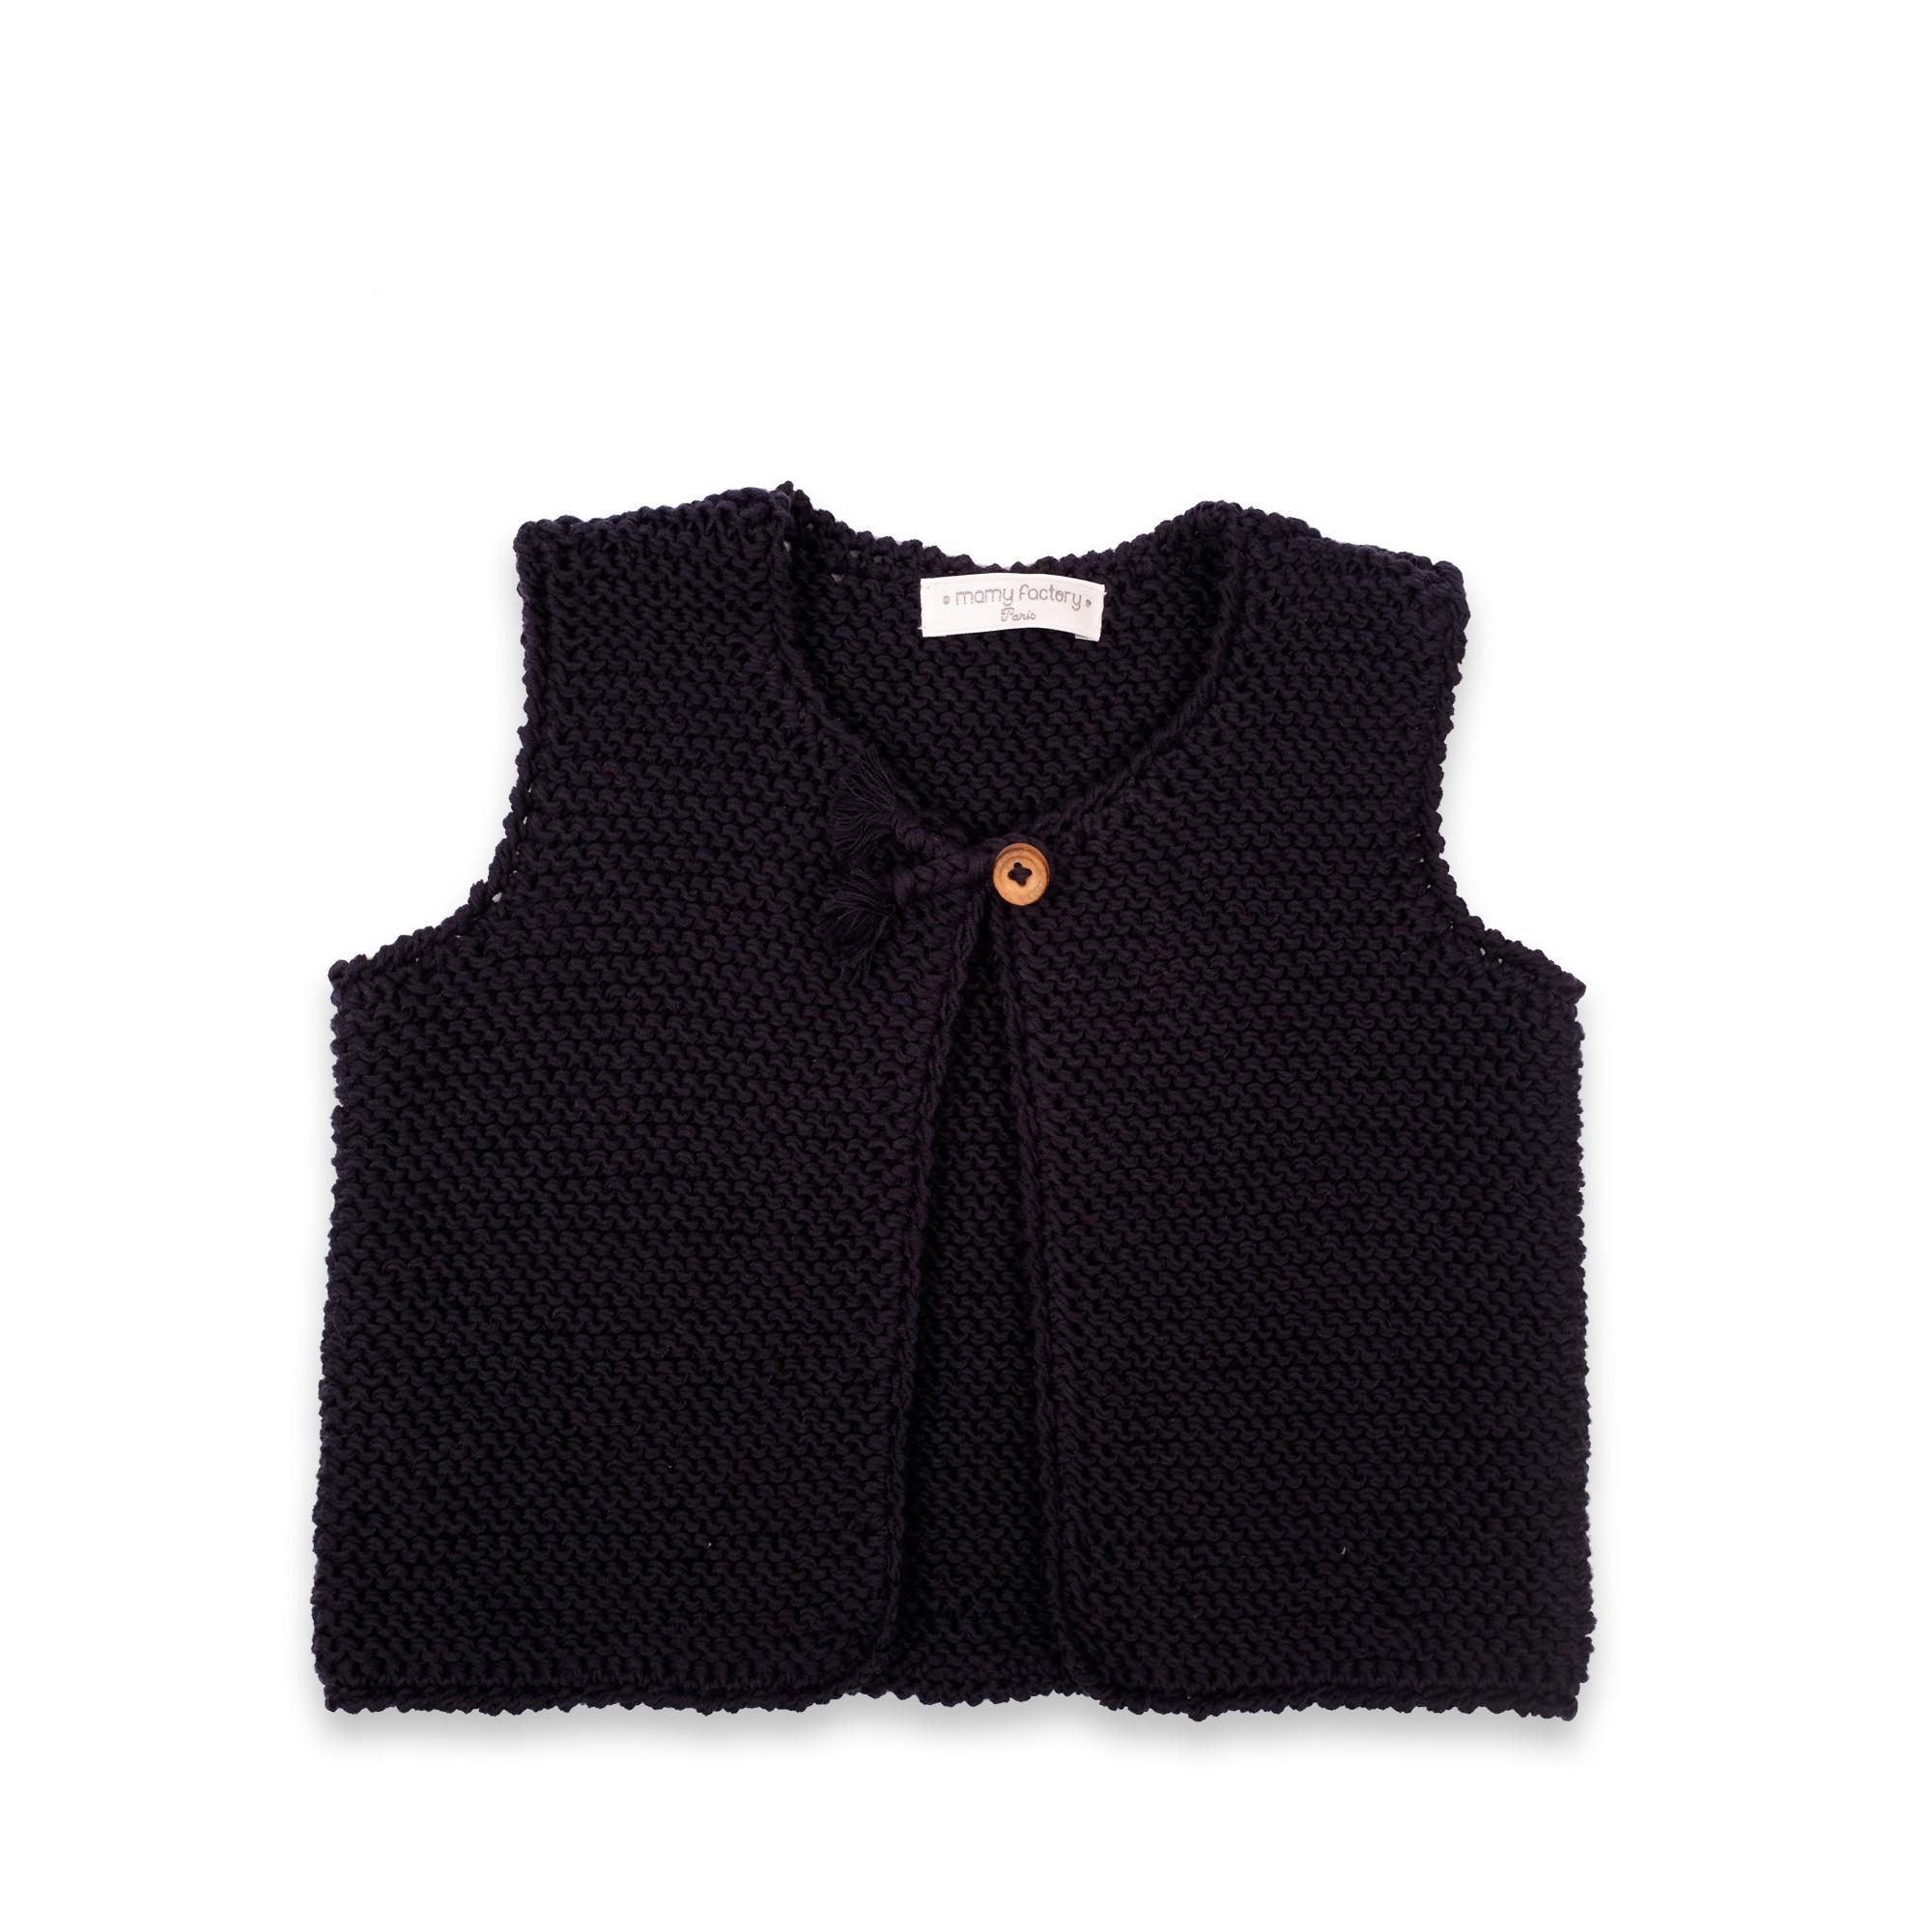 les tricots de mamy gilet b b sans manches bleu marine tricot en point mousse ferm par un. Black Bedroom Furniture Sets. Home Design Ideas